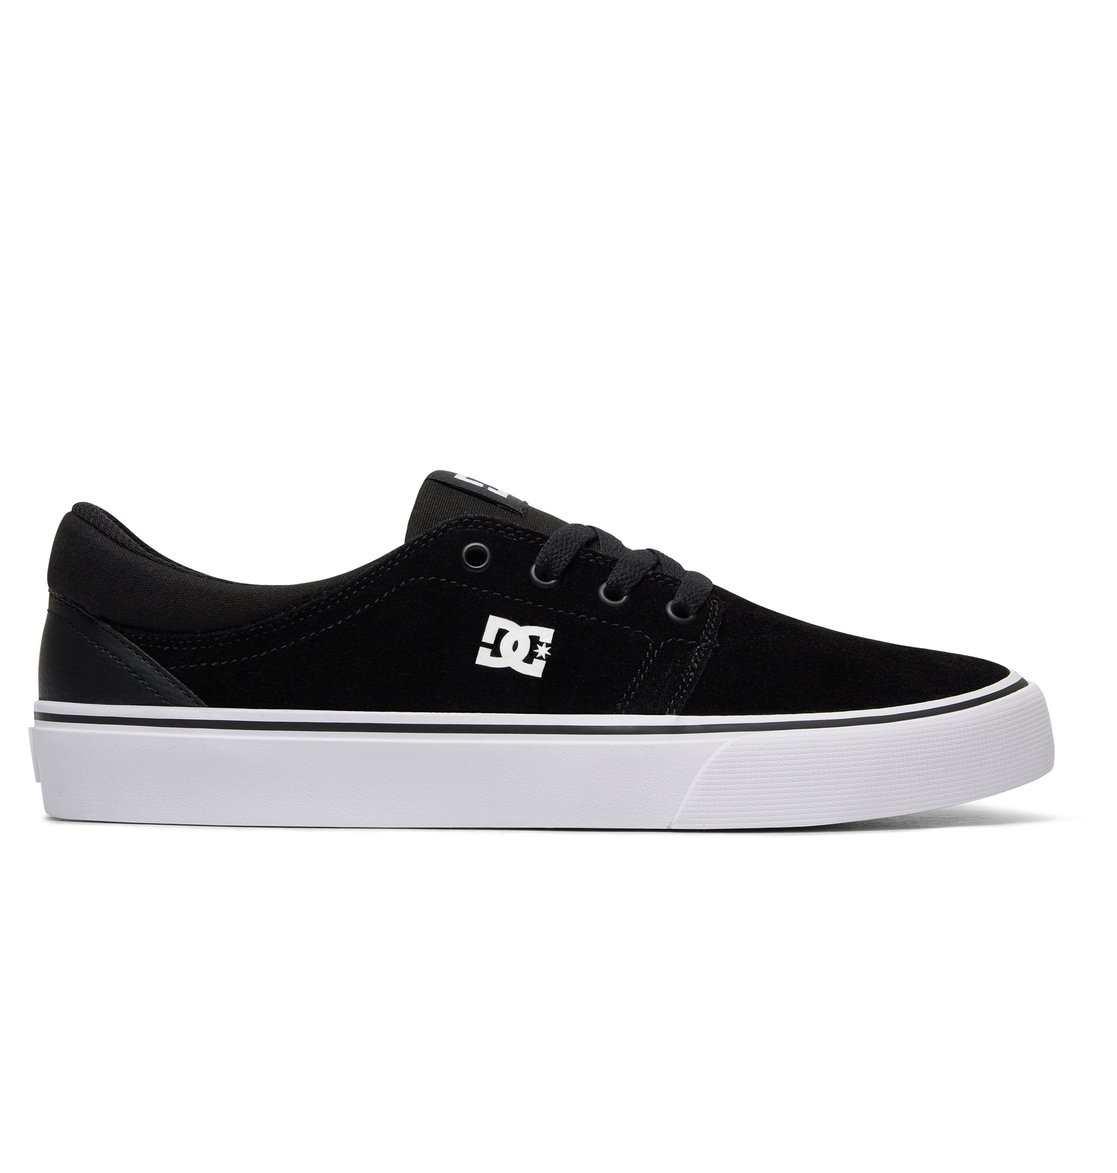 DC Zapatillas de Skateboarding Para Hombre, Color Marrón, Talla 44.5